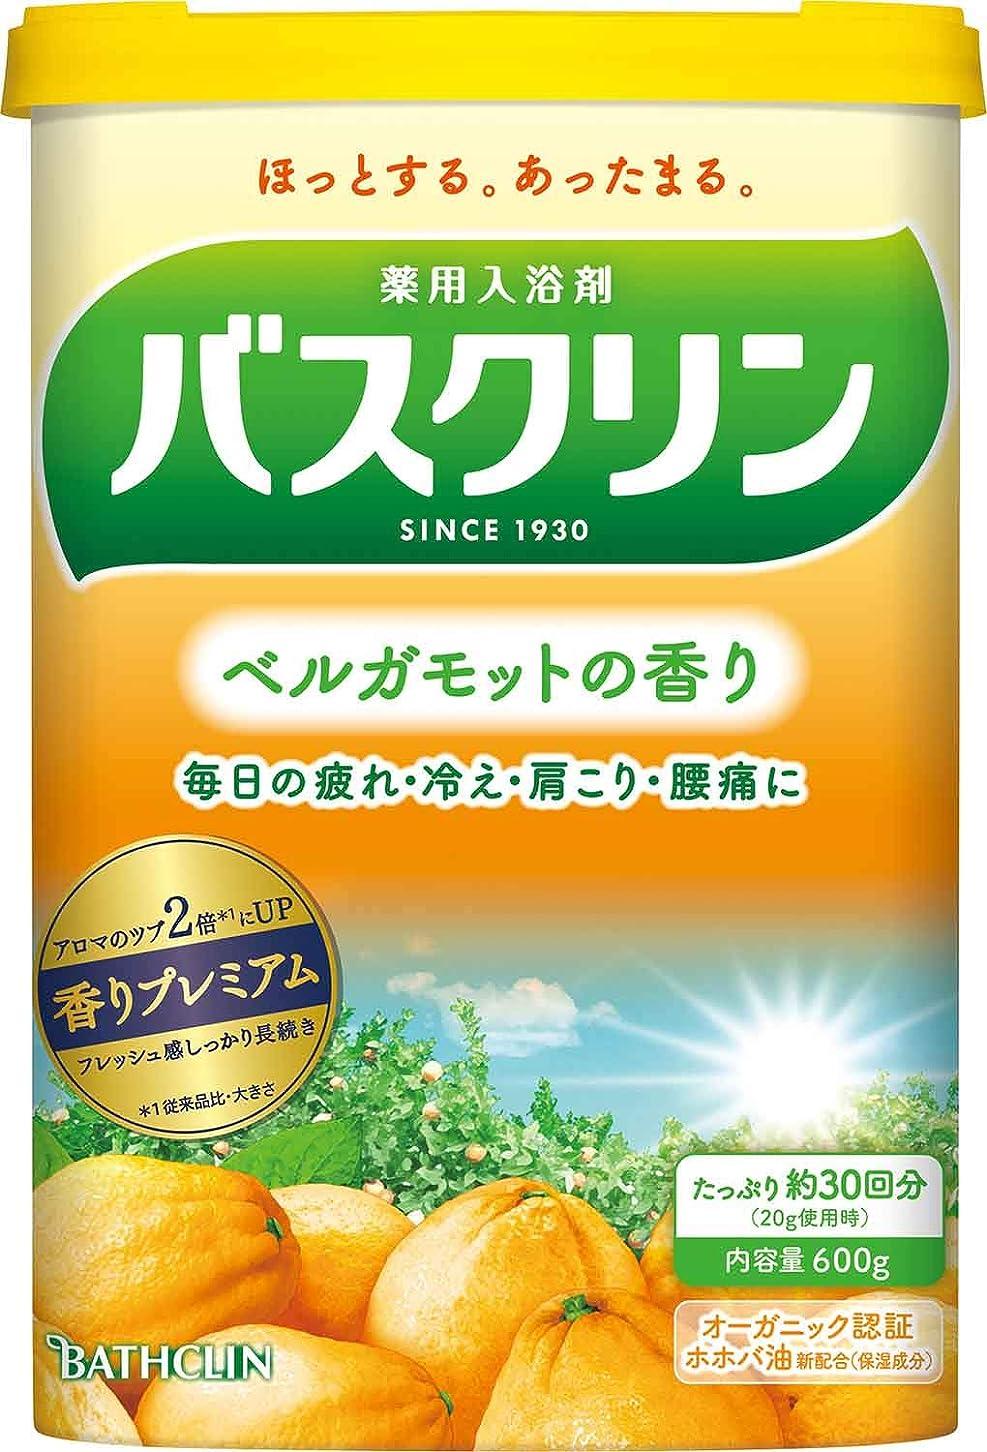 分岐するマイコン近く【医薬部外品】バスクリン入浴剤 ベルガモットの香り600g(約30回分) 疲労回復